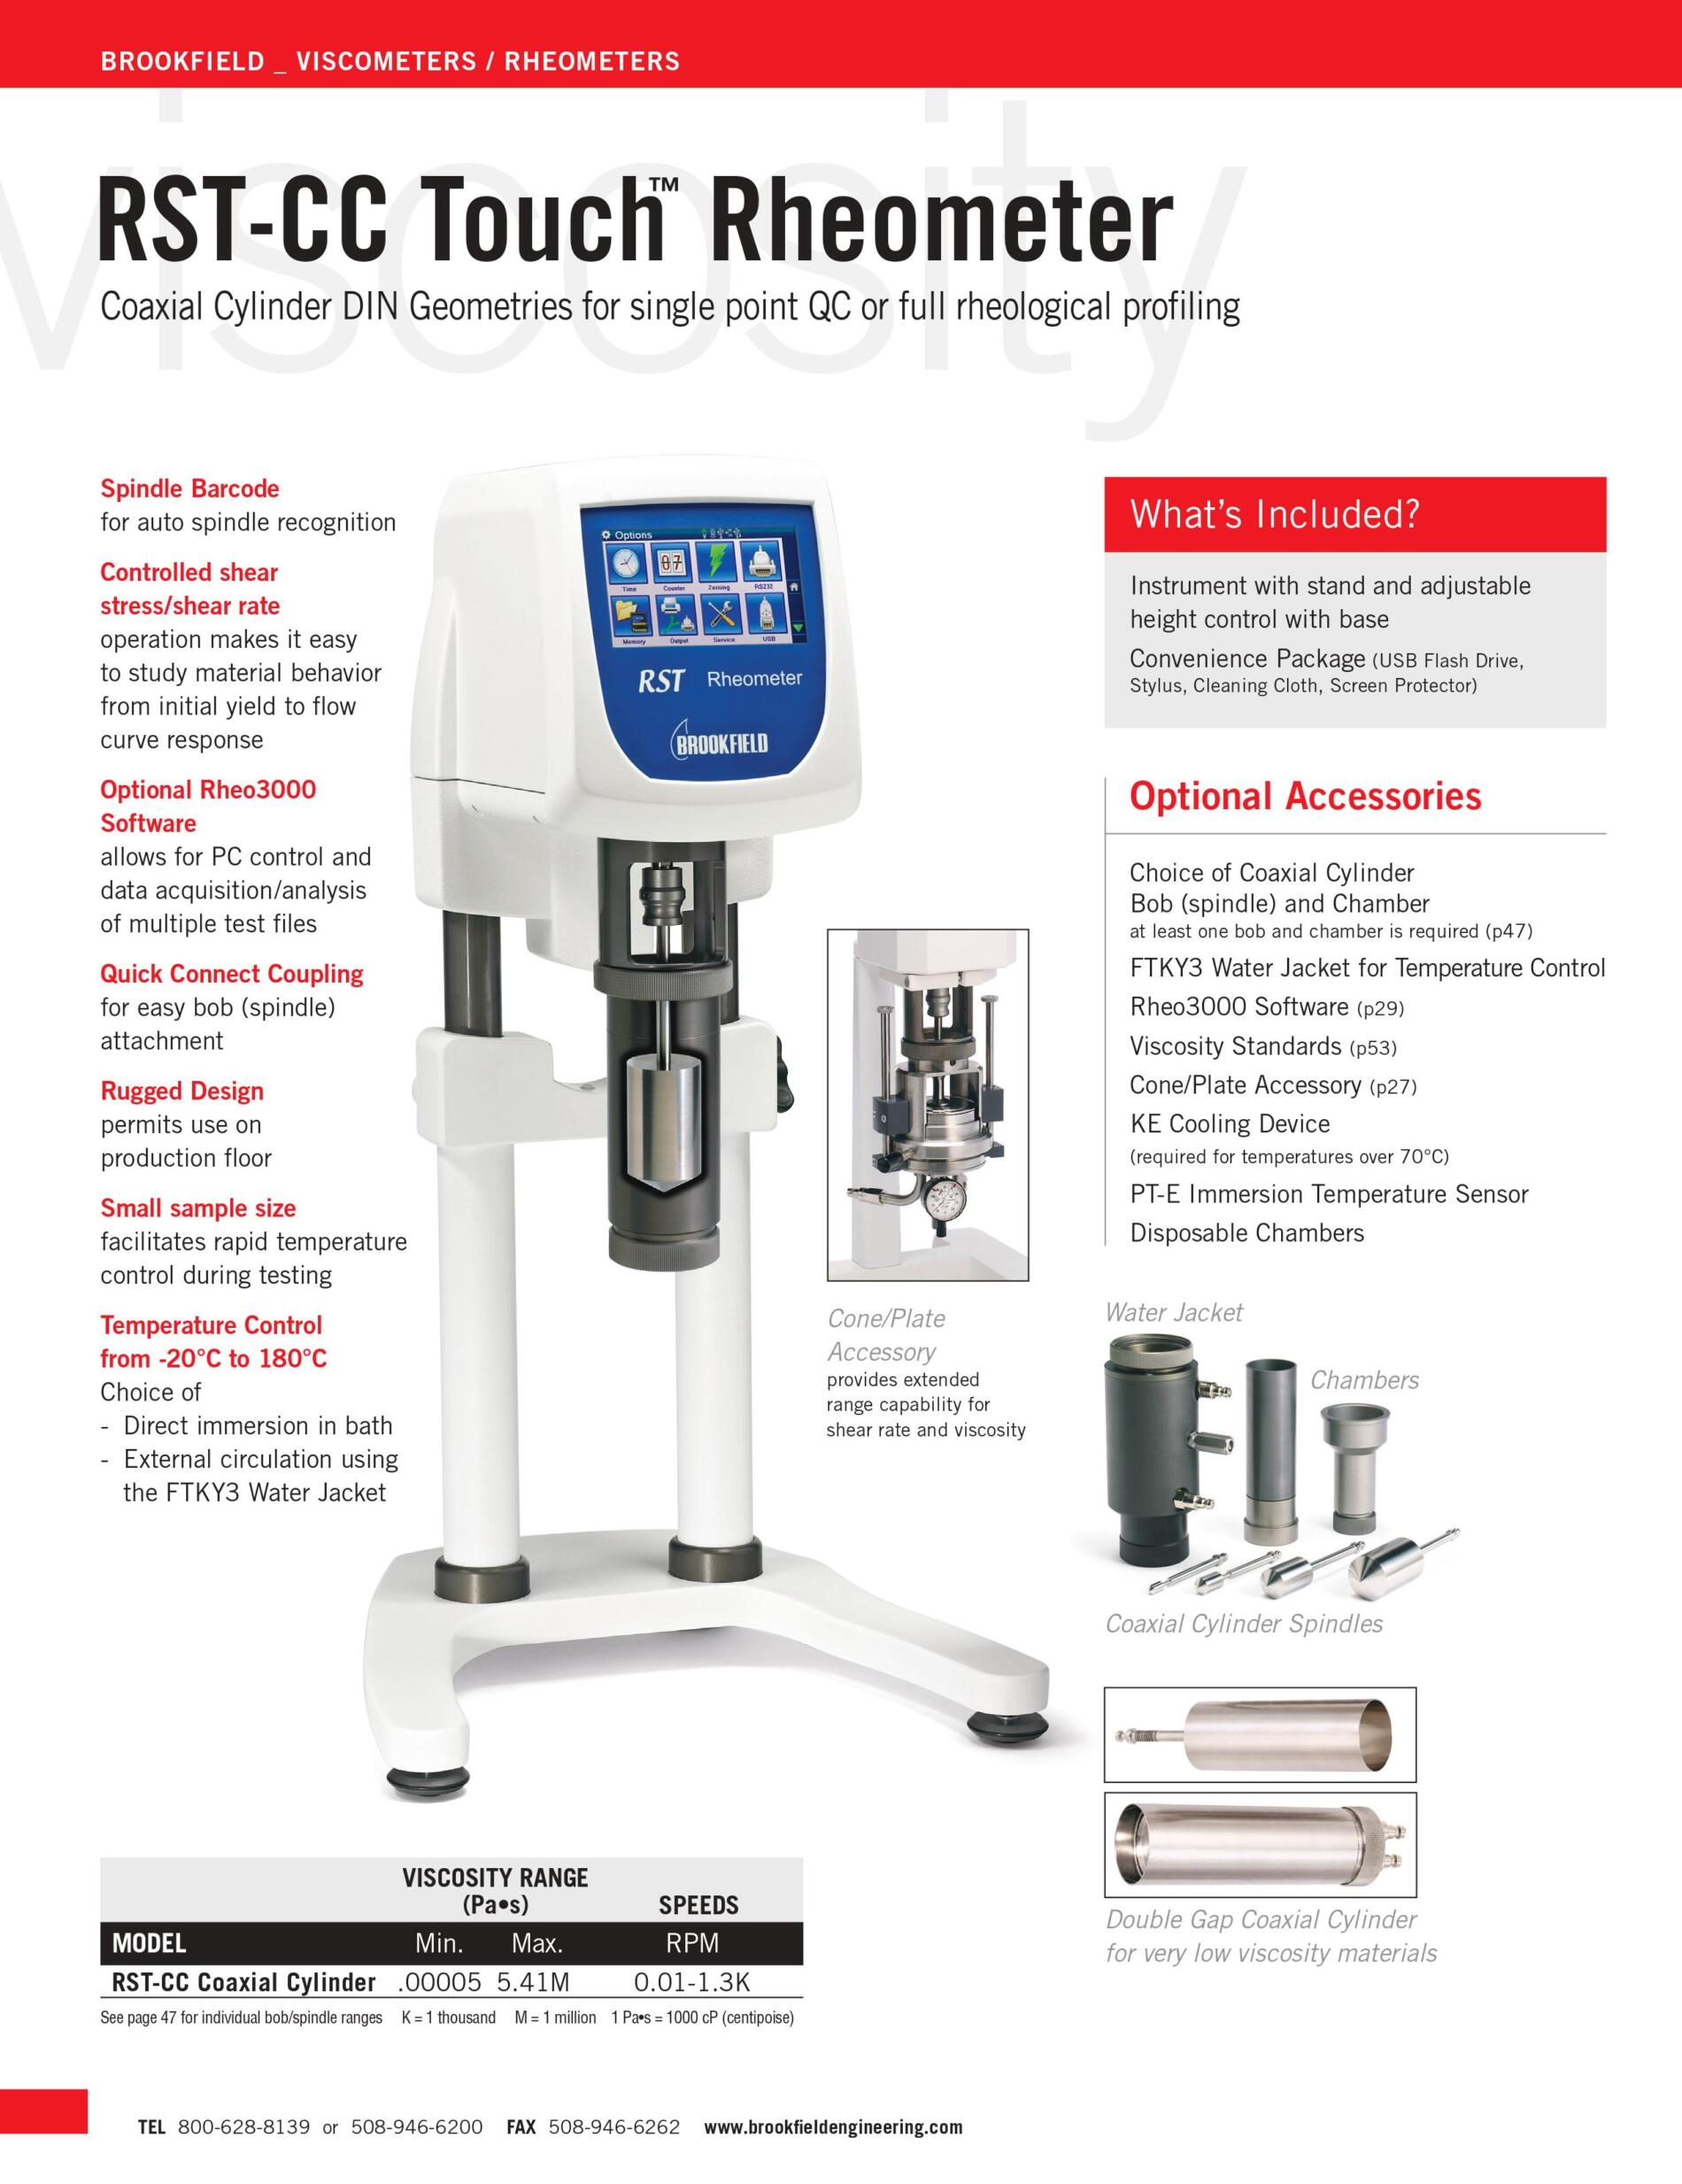 Máy đo độ lưu biến RST-CC